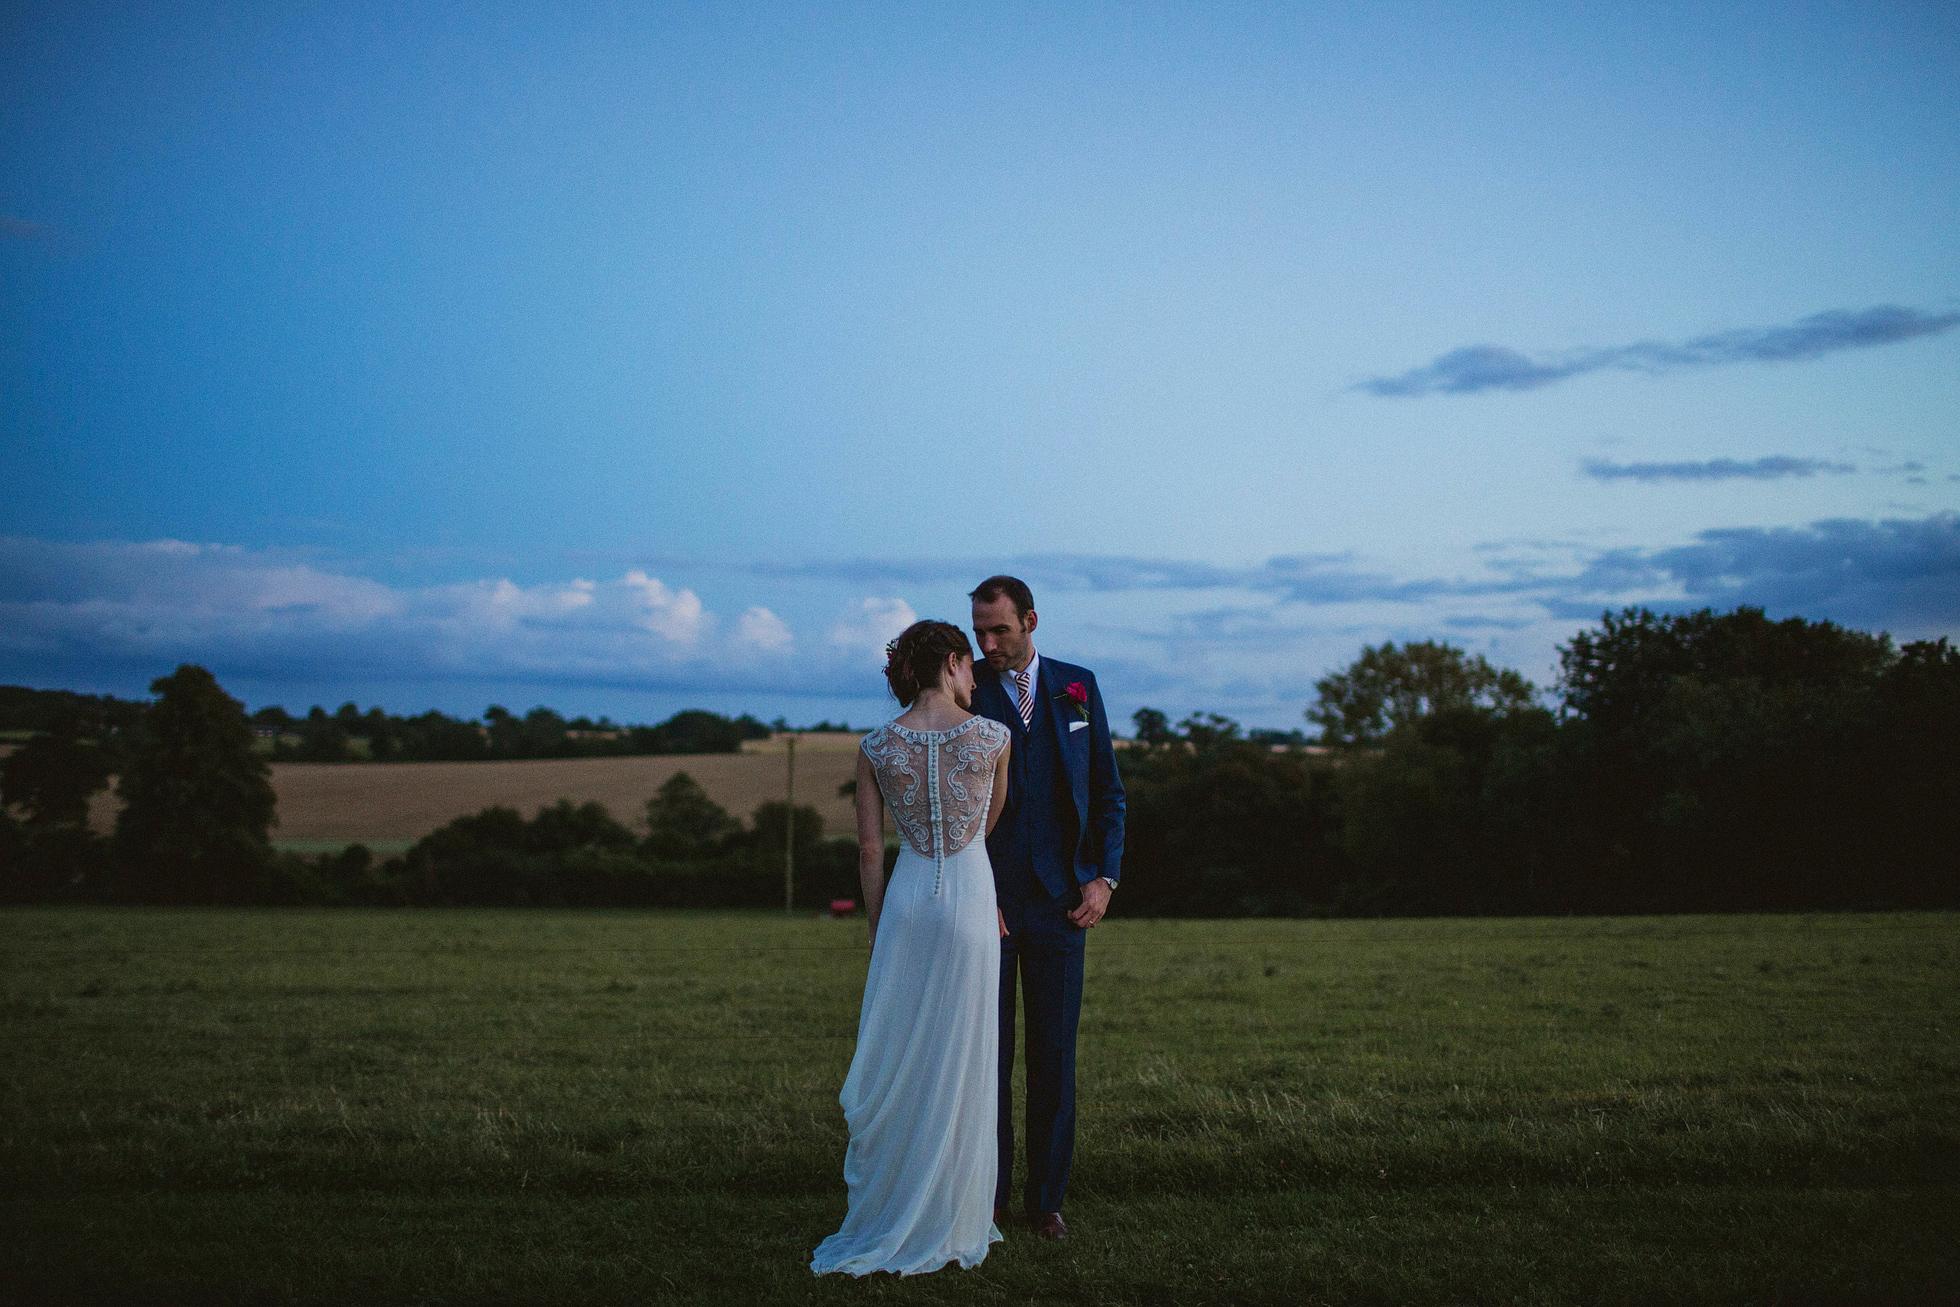 038-Suffolk-Barn-Wedding-Photography